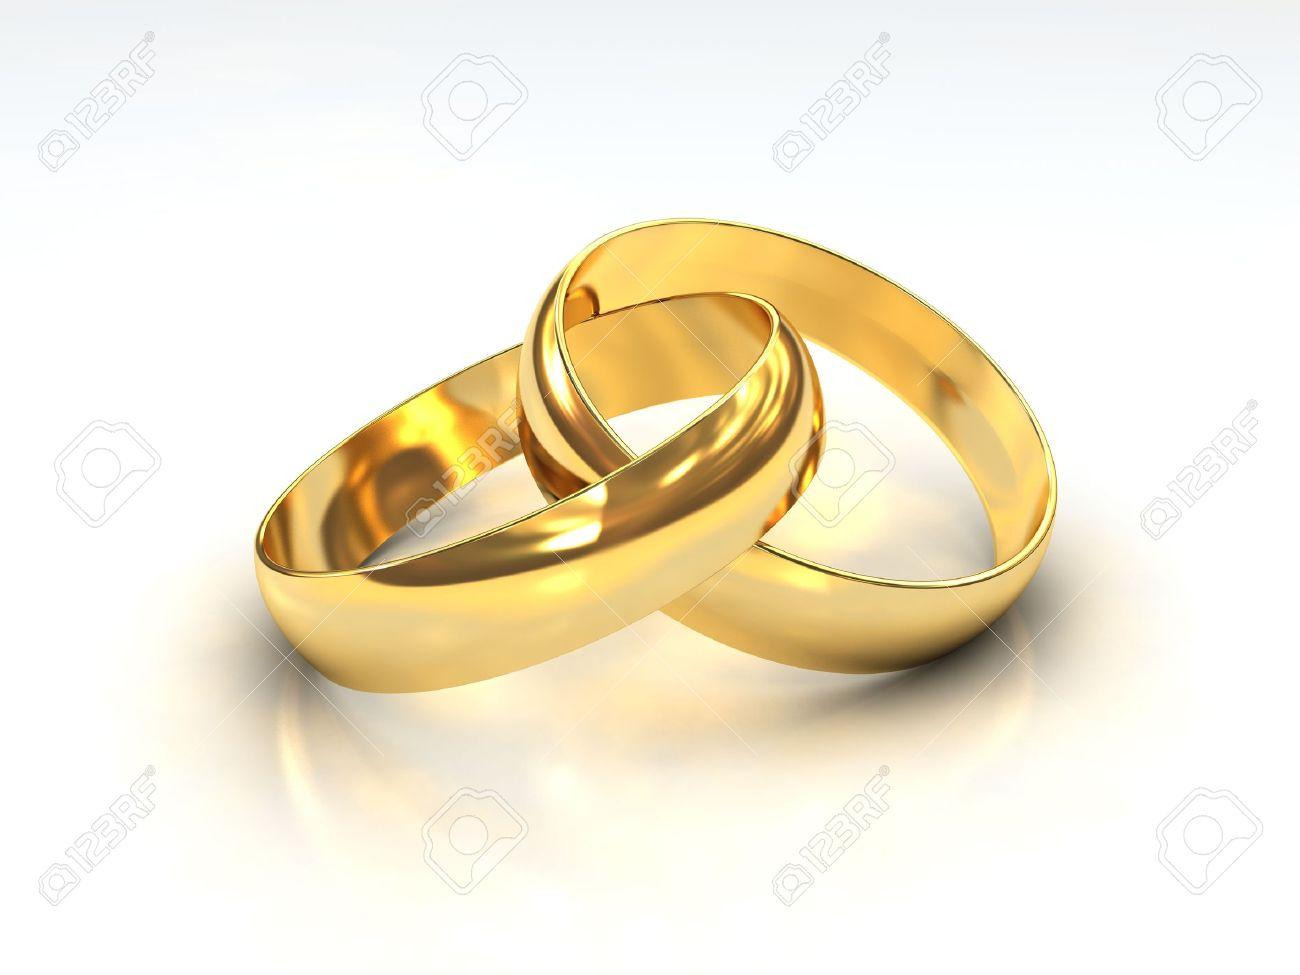 Ein Paar Goldene Hochzeit Ringe Auf Weissem Hintergrund Lizenzfreie